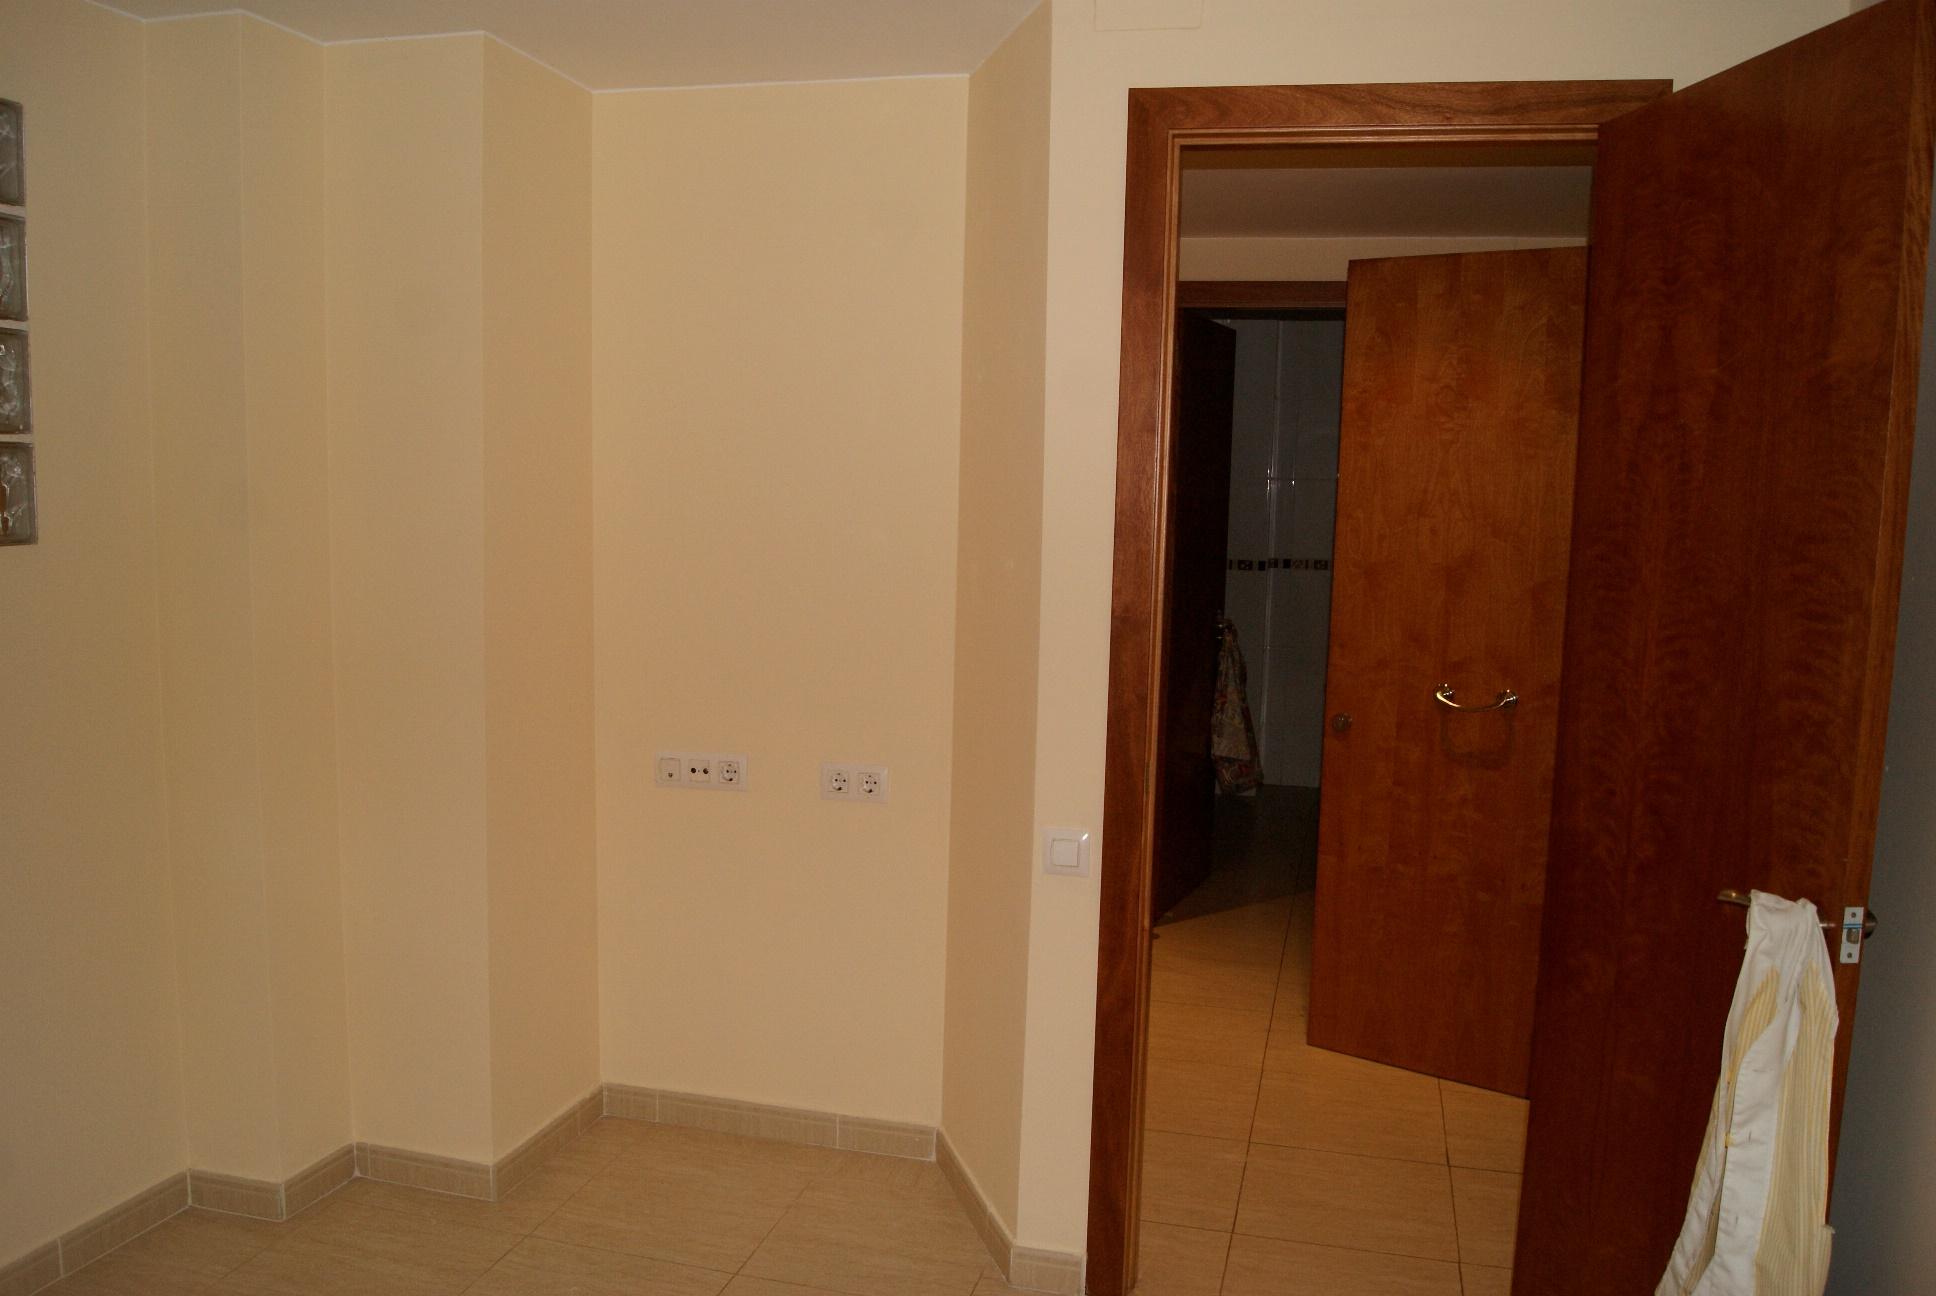 miravet, 3 Bedrooms Bedrooms, 1 Habitació Rooms,2 BathroomsBathrooms,Casa de Poble,Urbana,miravet,1089